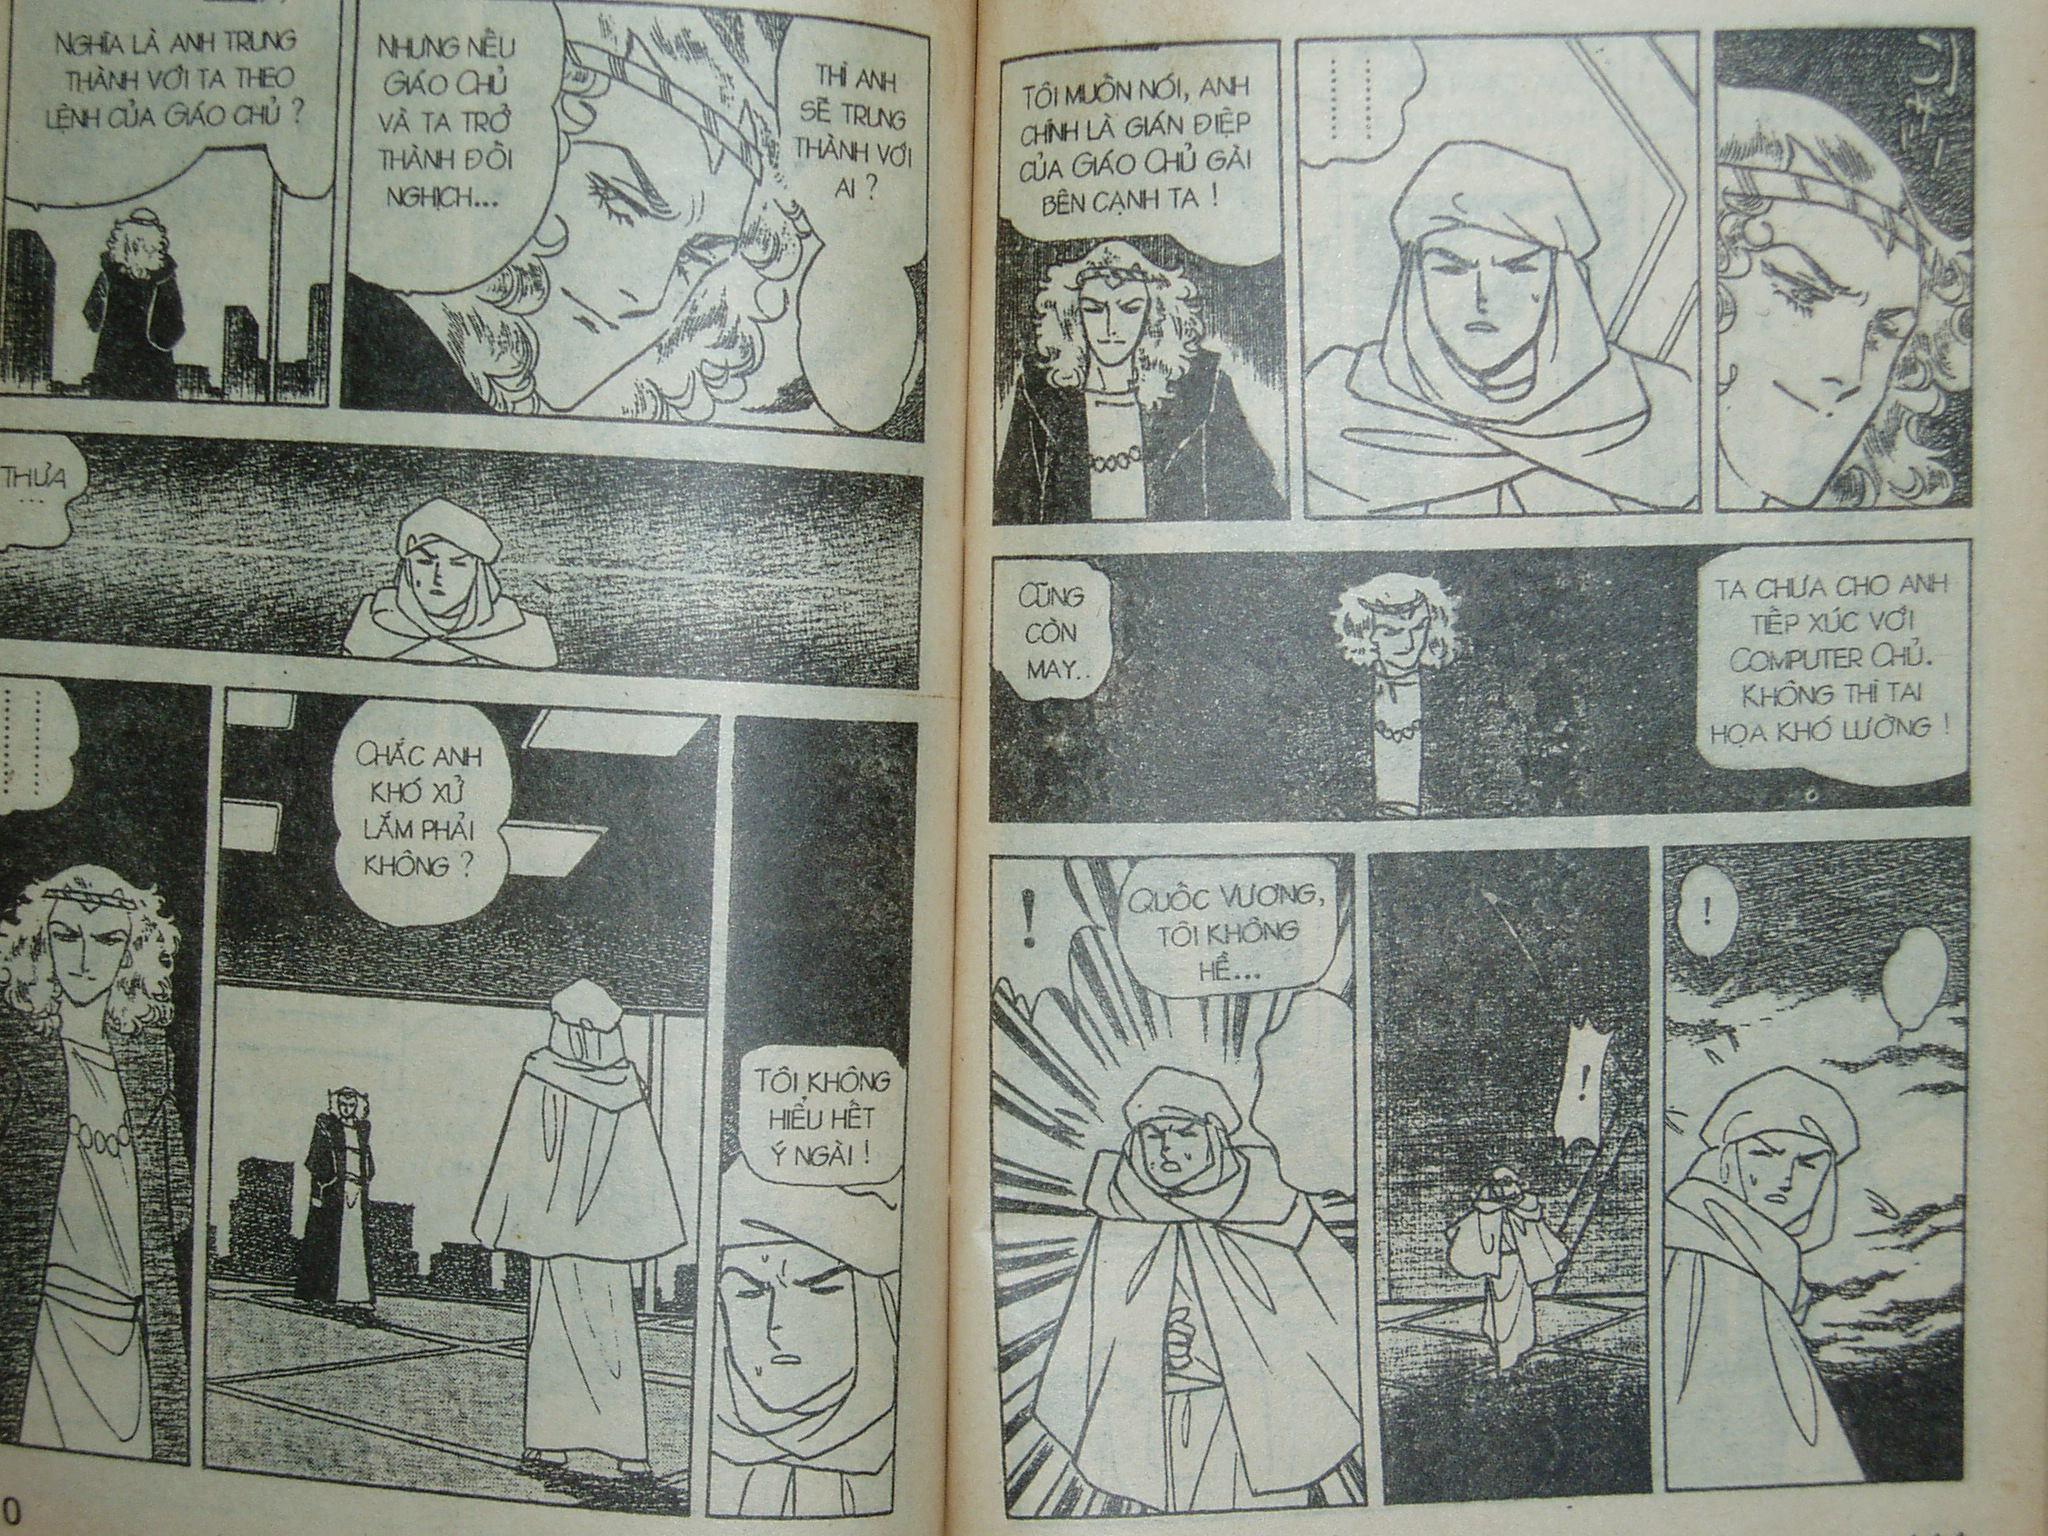 Siêu nhân Locke vol 17 trang 53